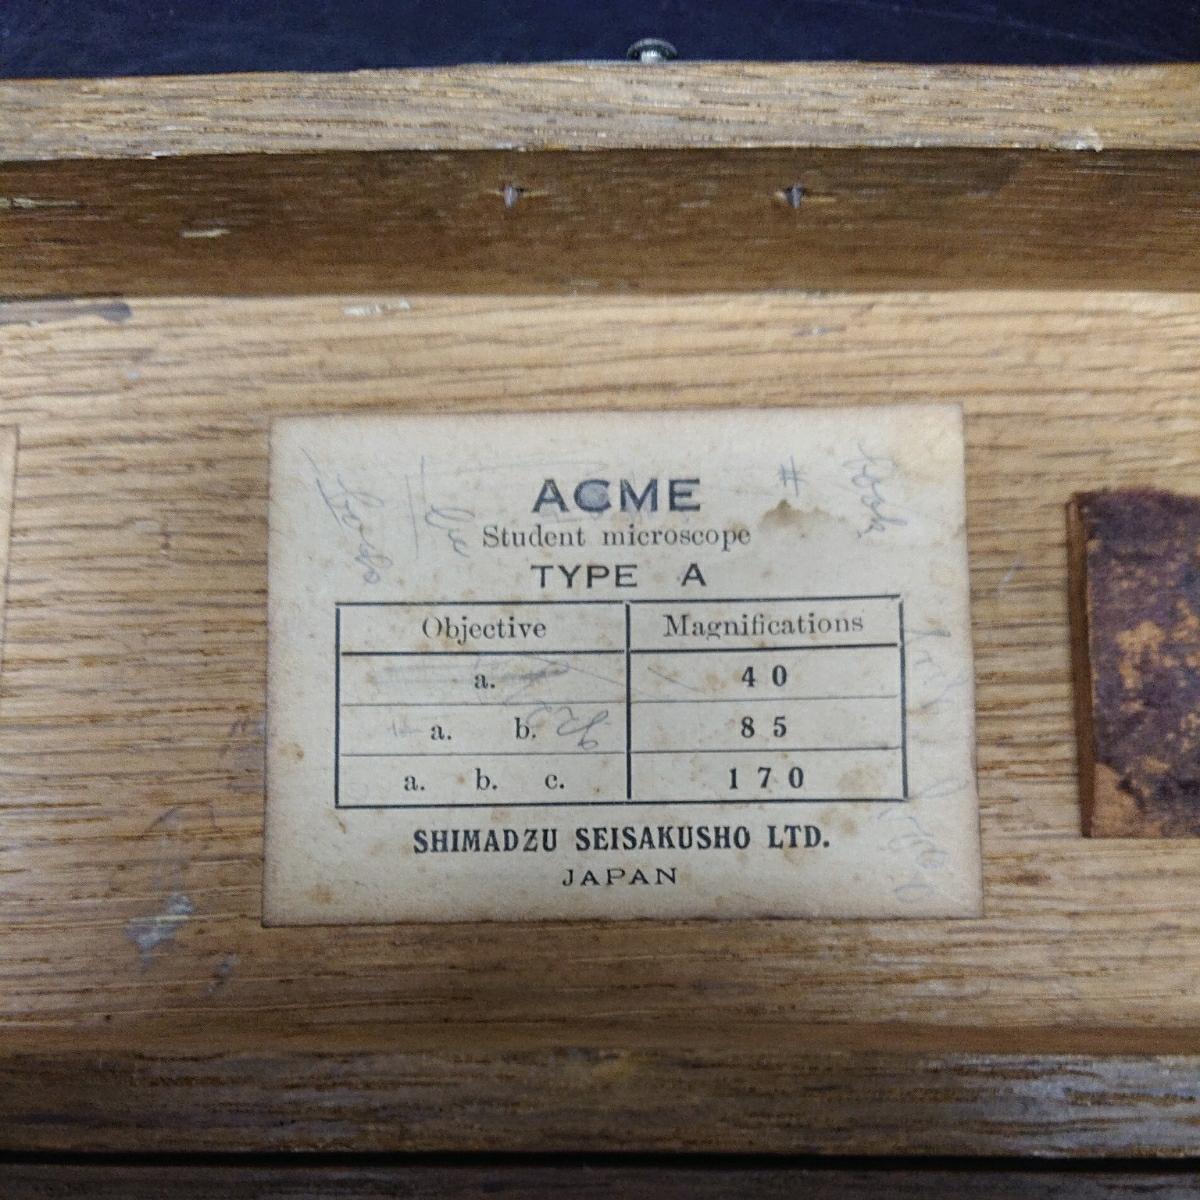 オリンパス OLYMPUS ACME TYPE A 顕微鏡 第147號 No.1176 加_画像2